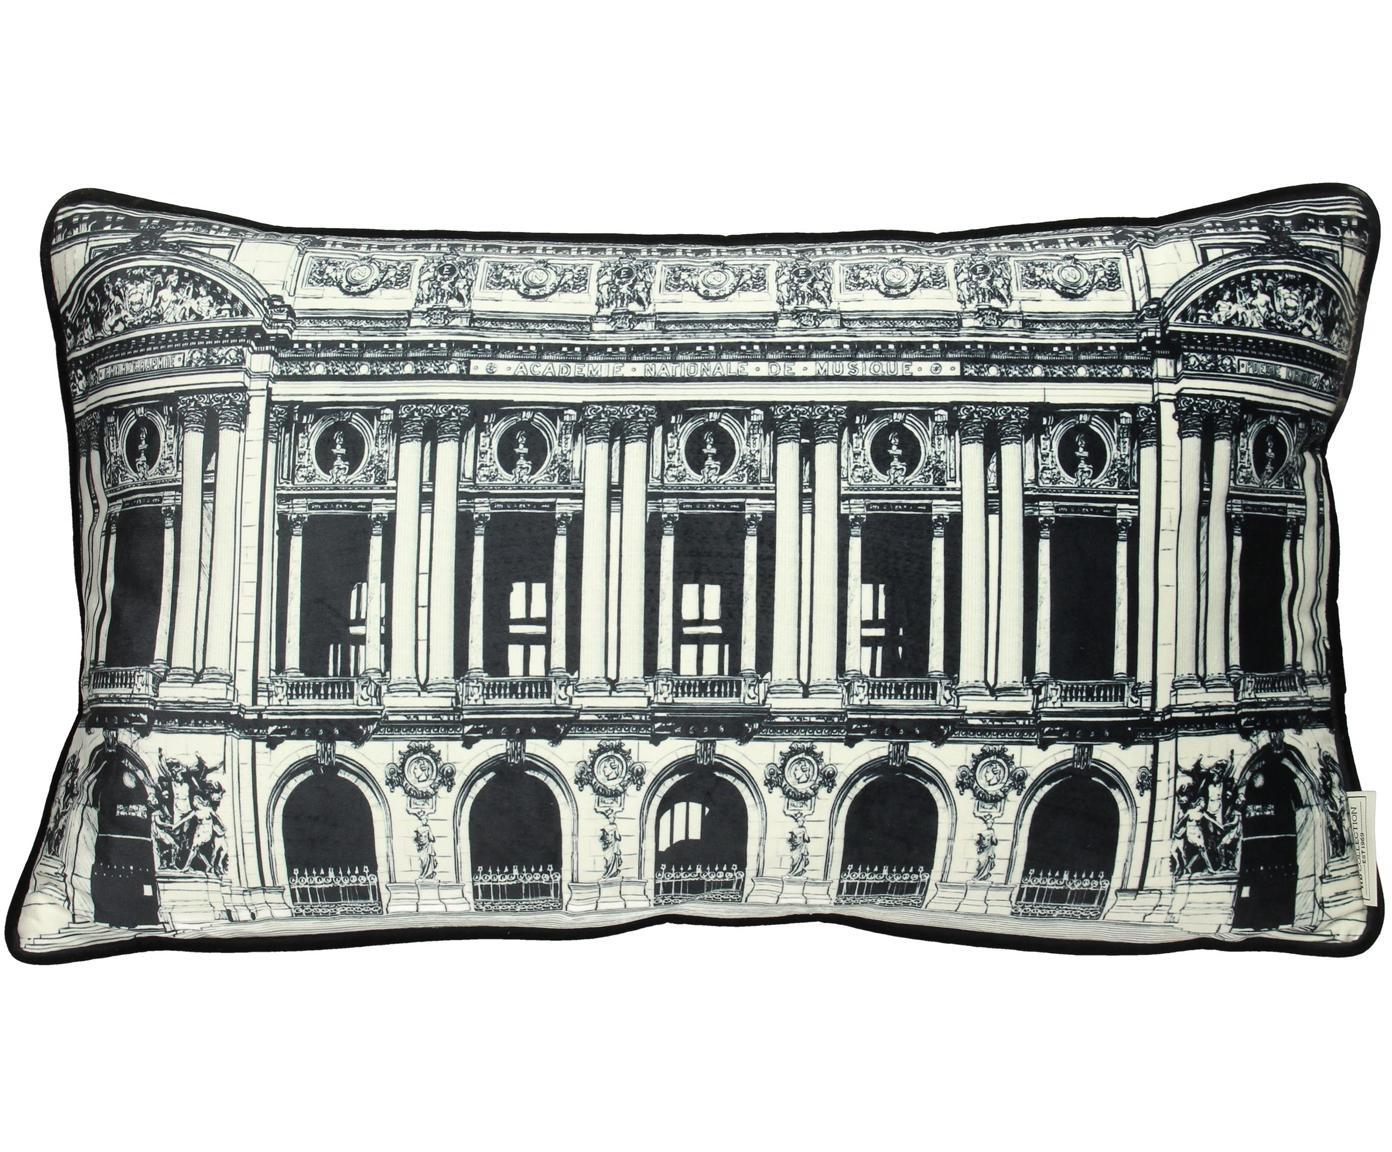 Cuscino in velluto con imbottitura Building, Velluto di poliestere, Bianco, nero, Larg. 35 x Lung. 60 cm